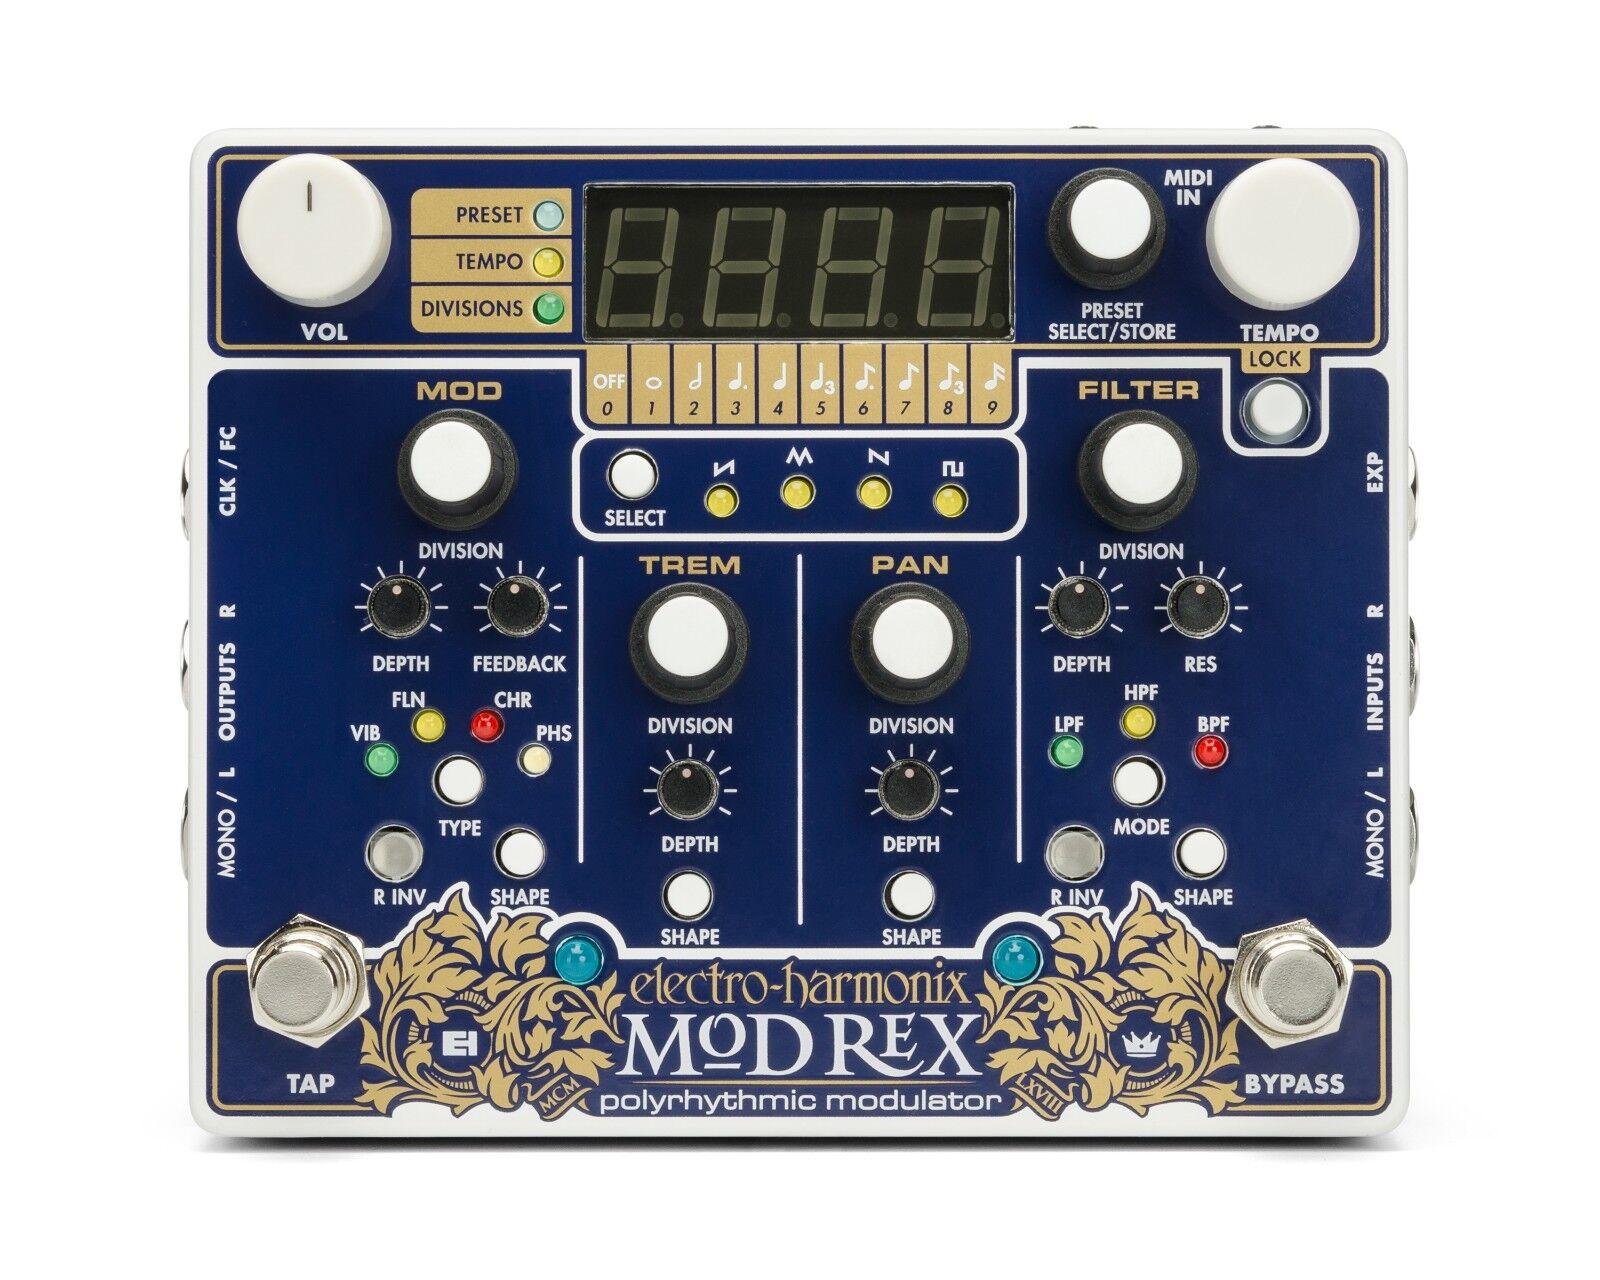 Electro Harmonix Mod Rex Polyrhythmische Modulator Pedal, Gute